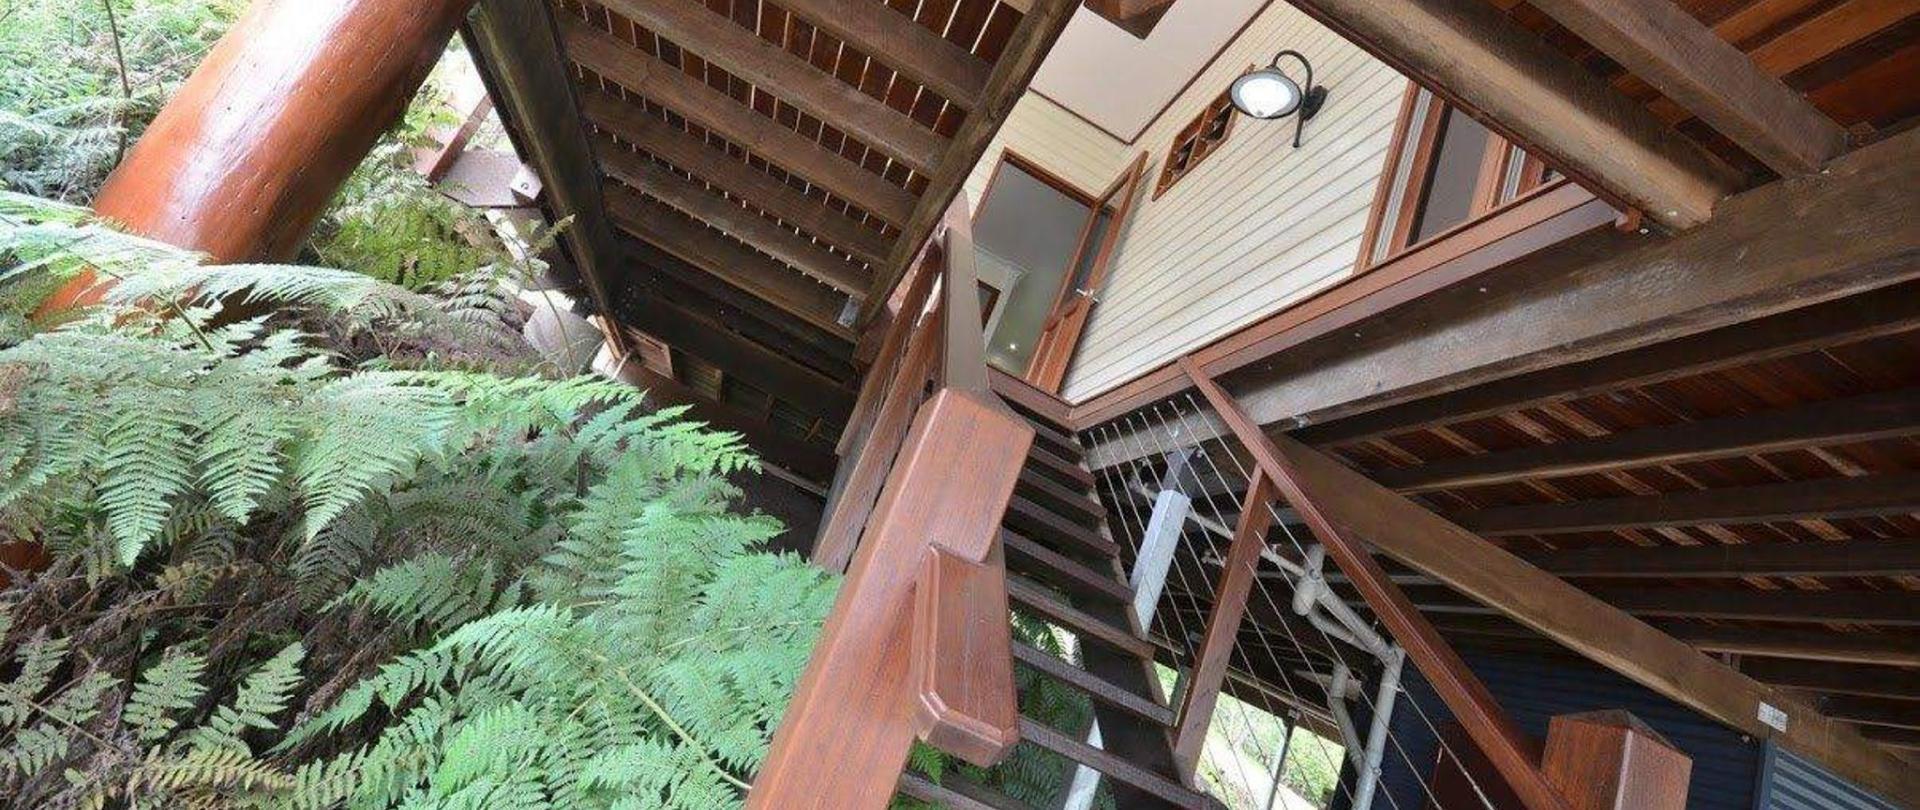 stairs-ferns-2.JPG